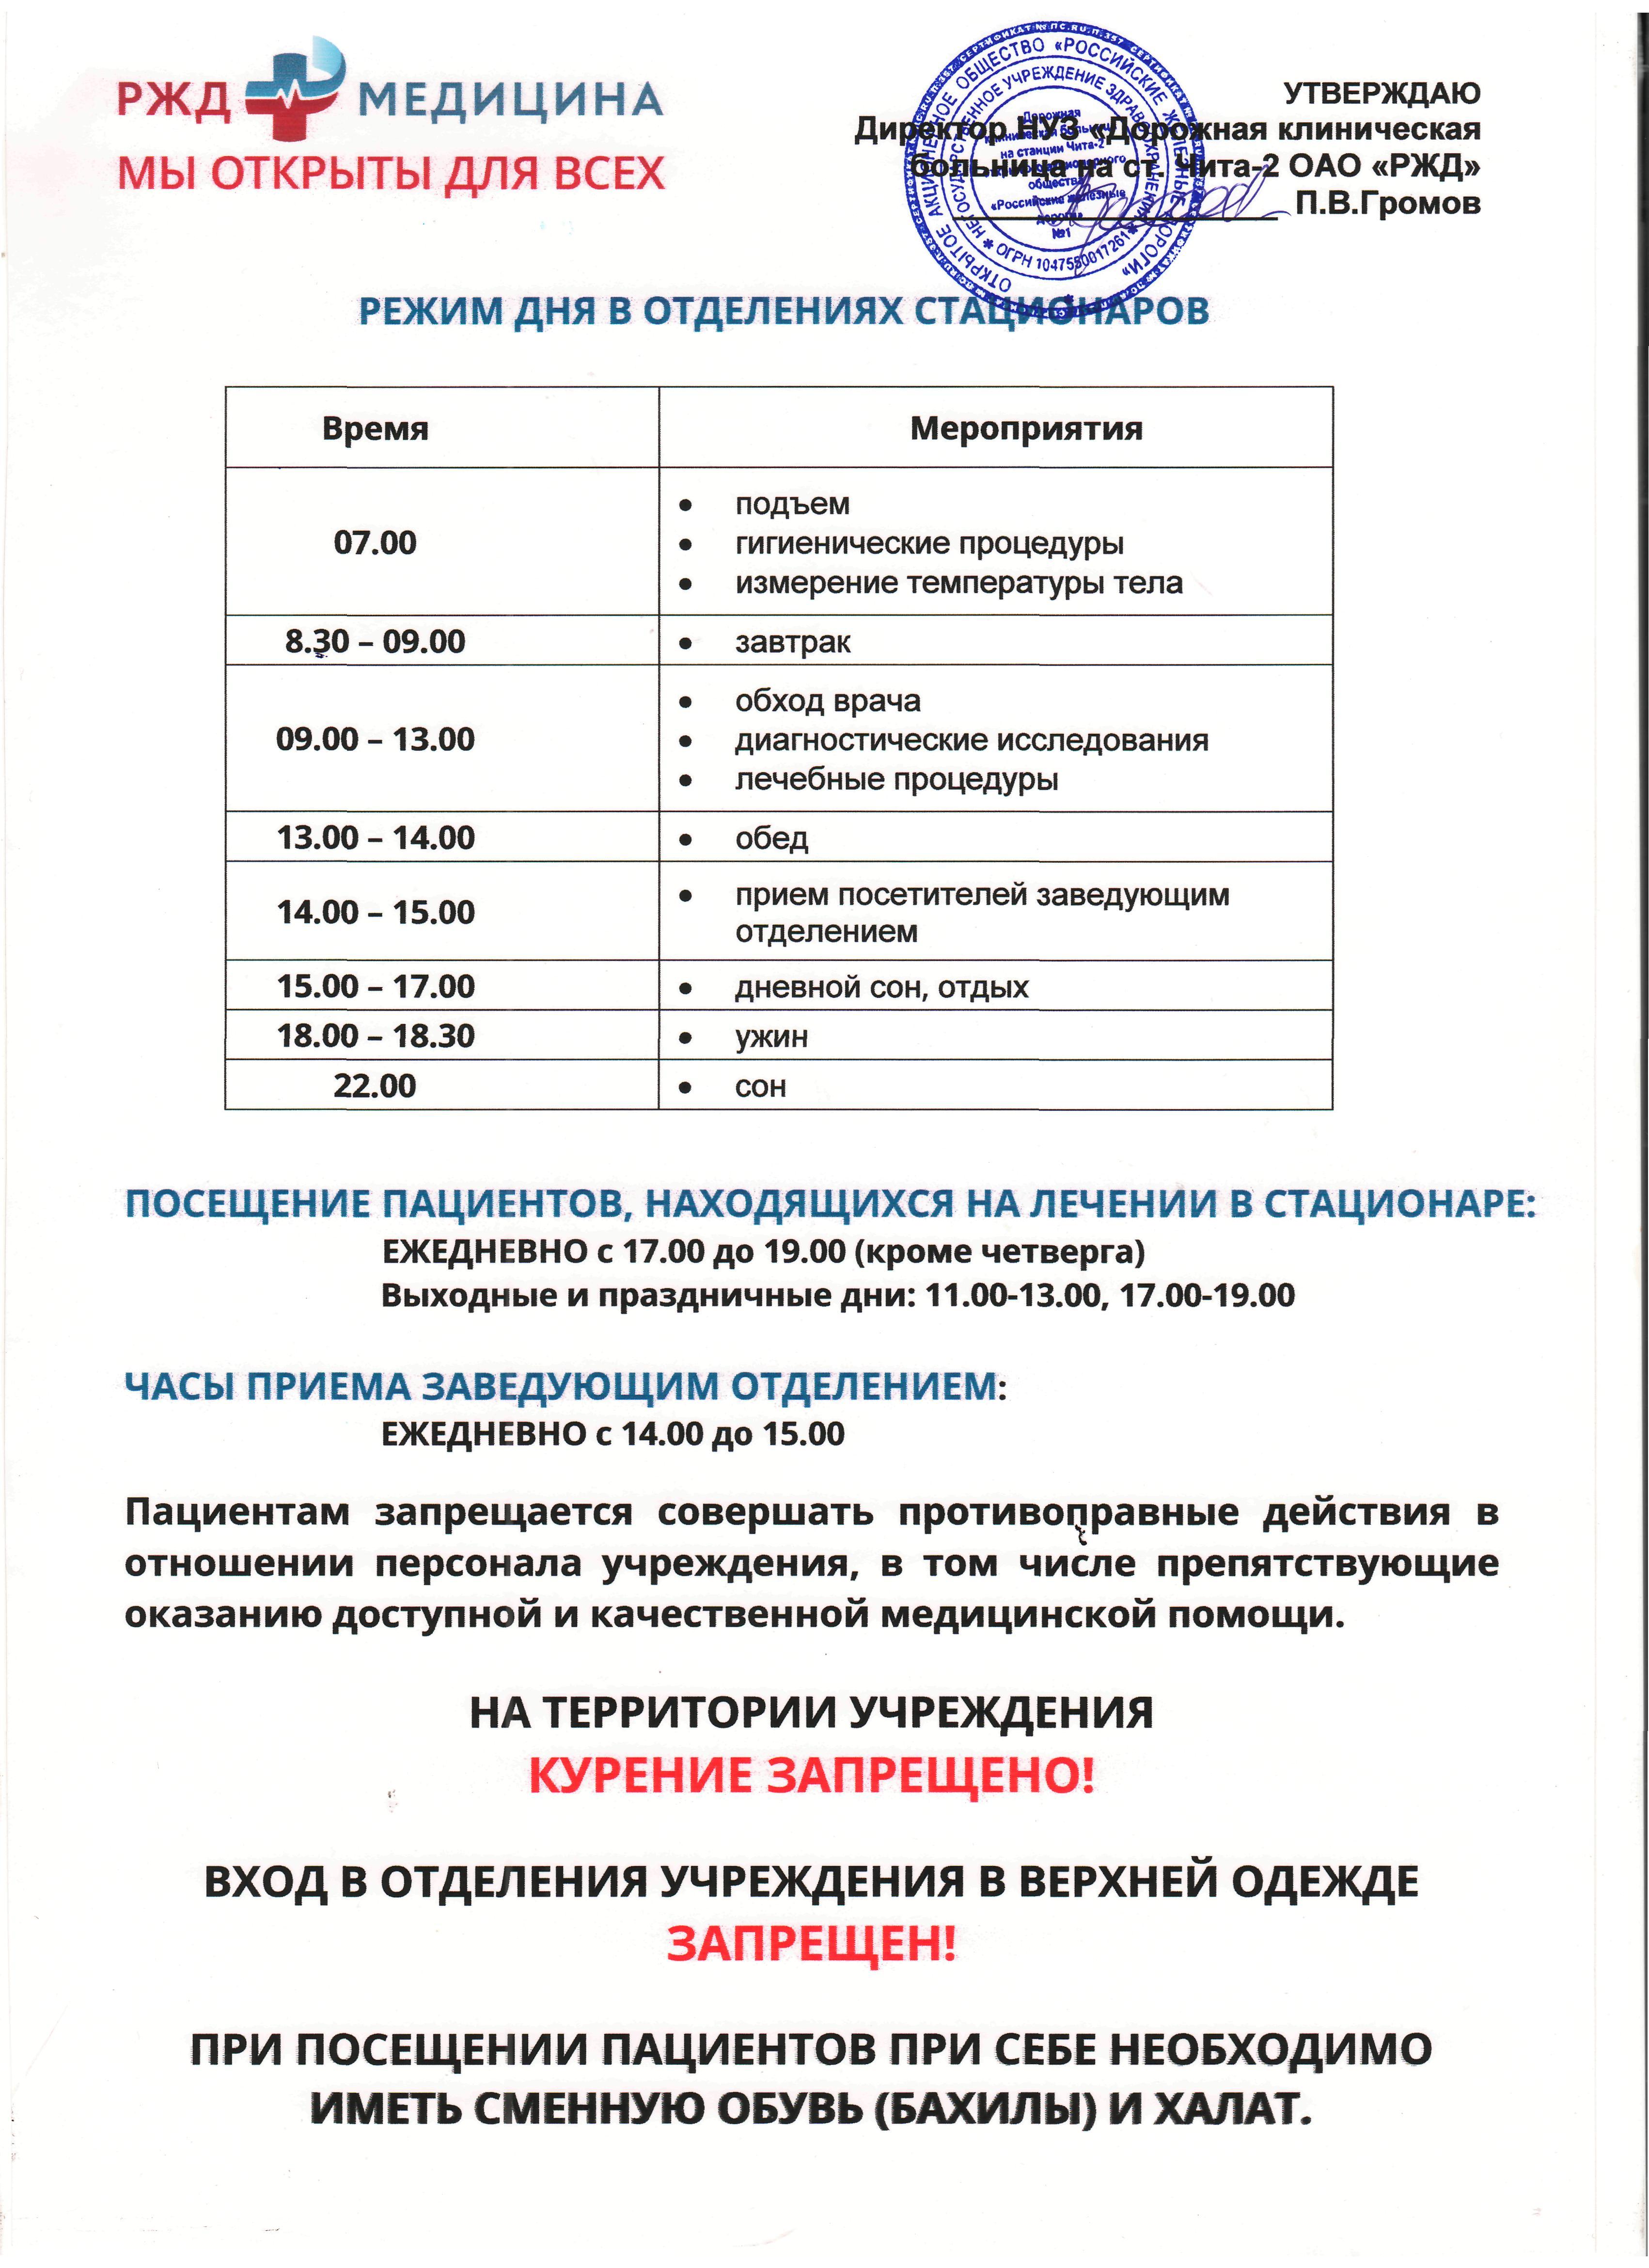 Детская поликлиника хабаровск 68 школа телефон